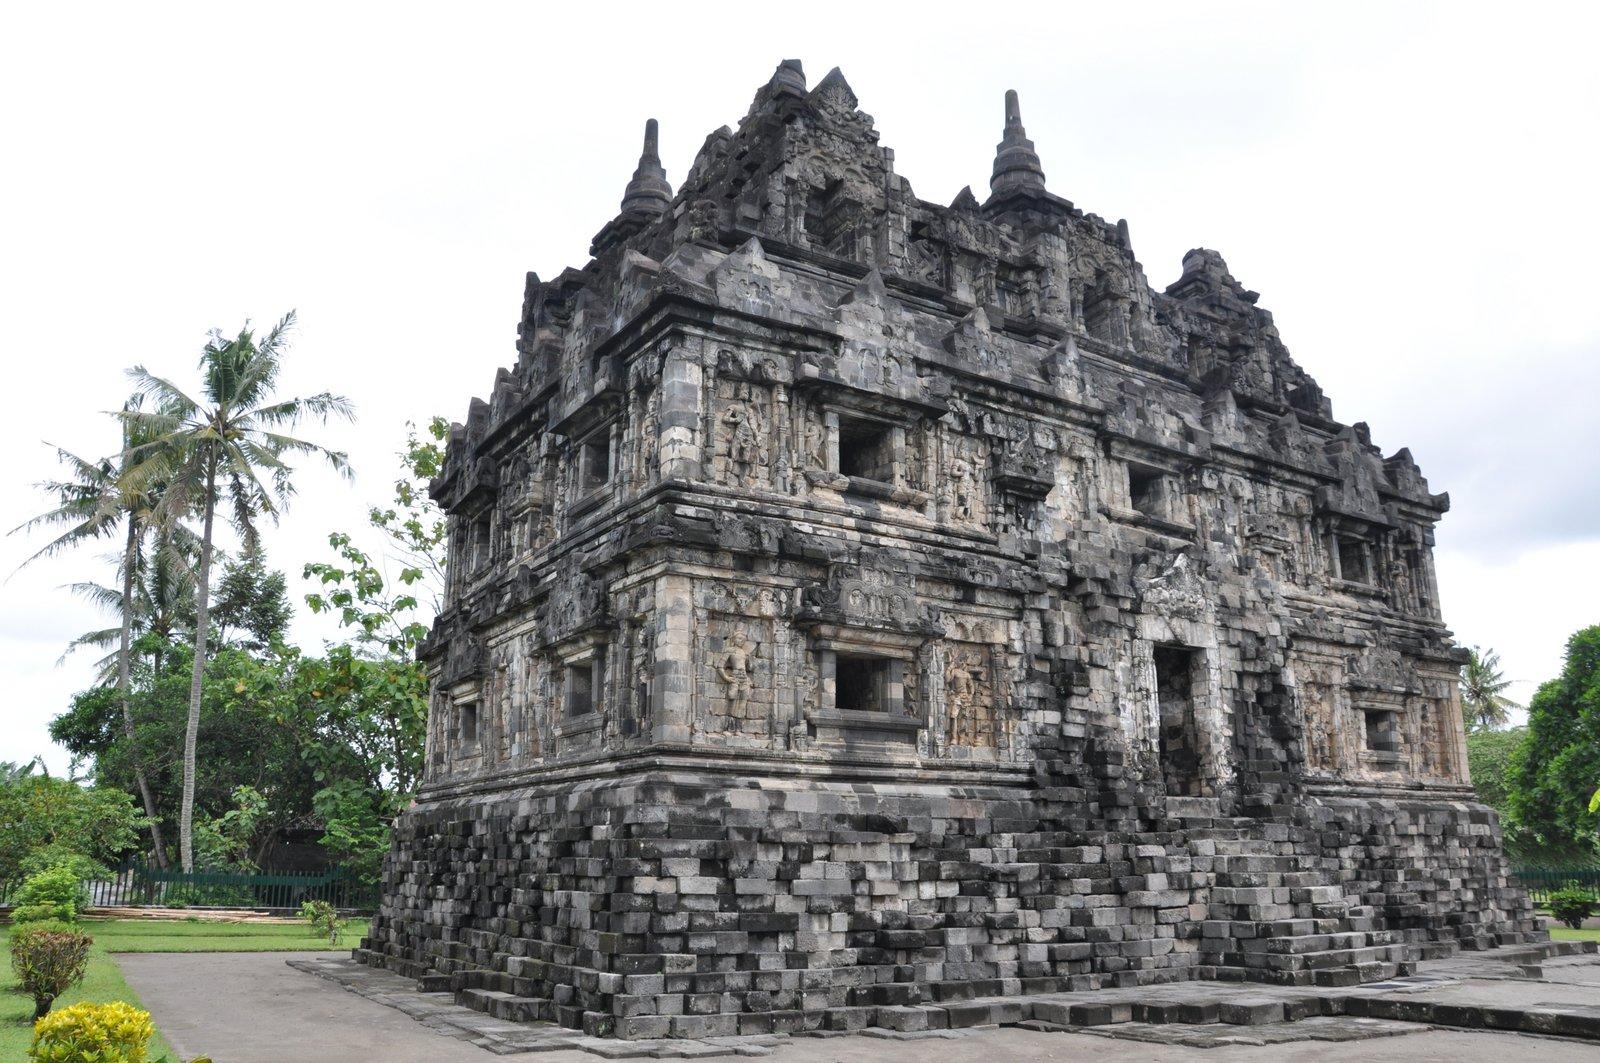 Le temple de Sari près de Jogjakarta en Indonésie